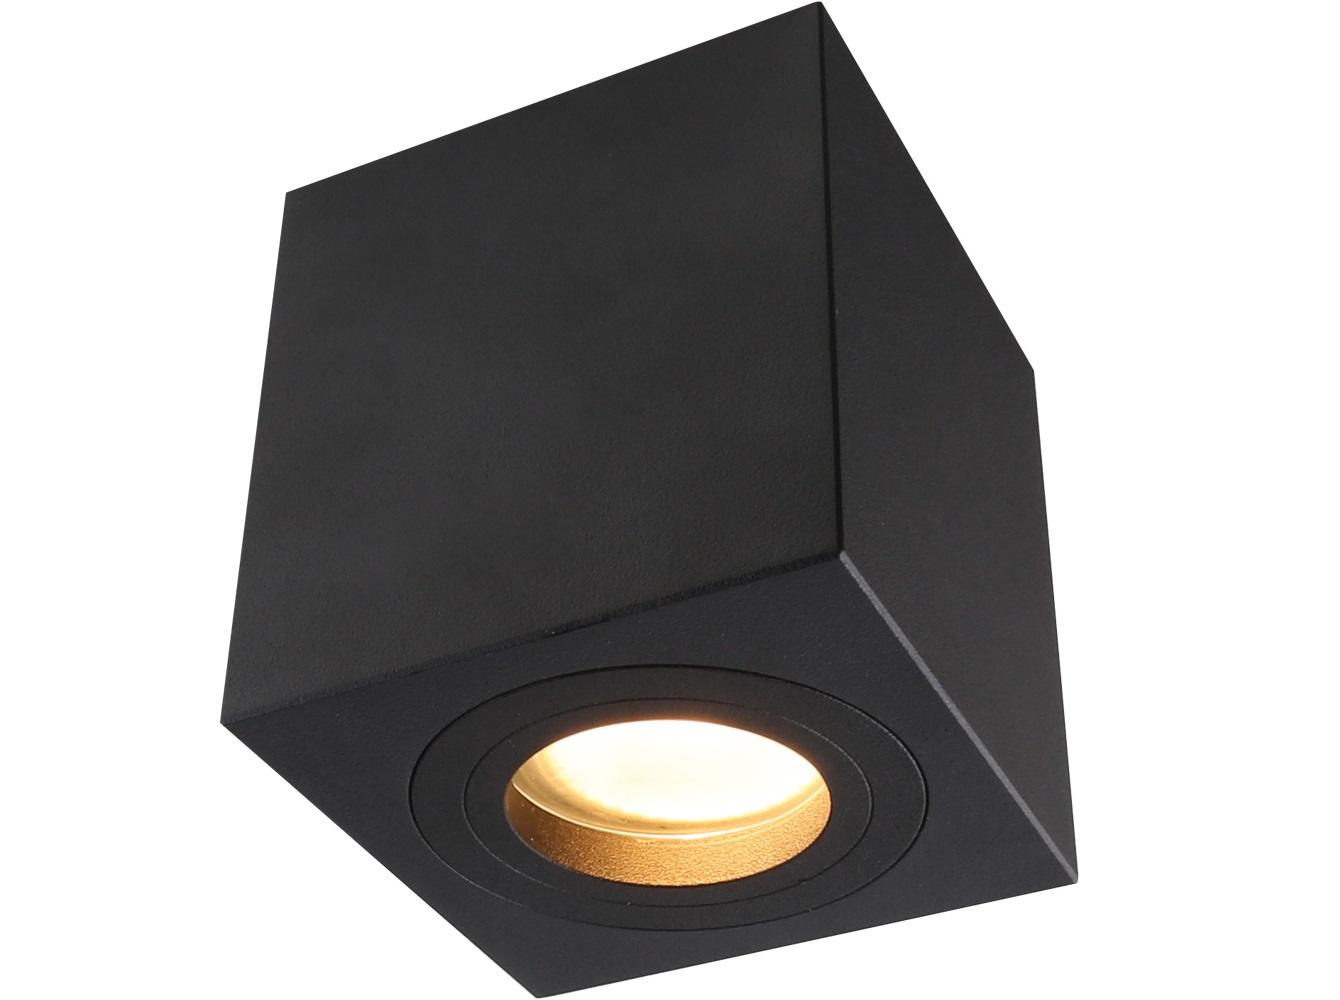 Потолочный поворотный светильникСпоты<br>Вид цоколя: GU10&amp;lt;div&amp;gt;&amp;lt;div&amp;gt;Мощность: 50W&amp;lt;/div&amp;gt;&amp;lt;div&amp;gt;Количество ламп: 1&amp;lt;/div&amp;gt;&amp;lt;/div&amp;gt;<br><br>Material: Алюминий<br>Ширина см: 9<br>Высота см: 9<br>Глубина см: 9